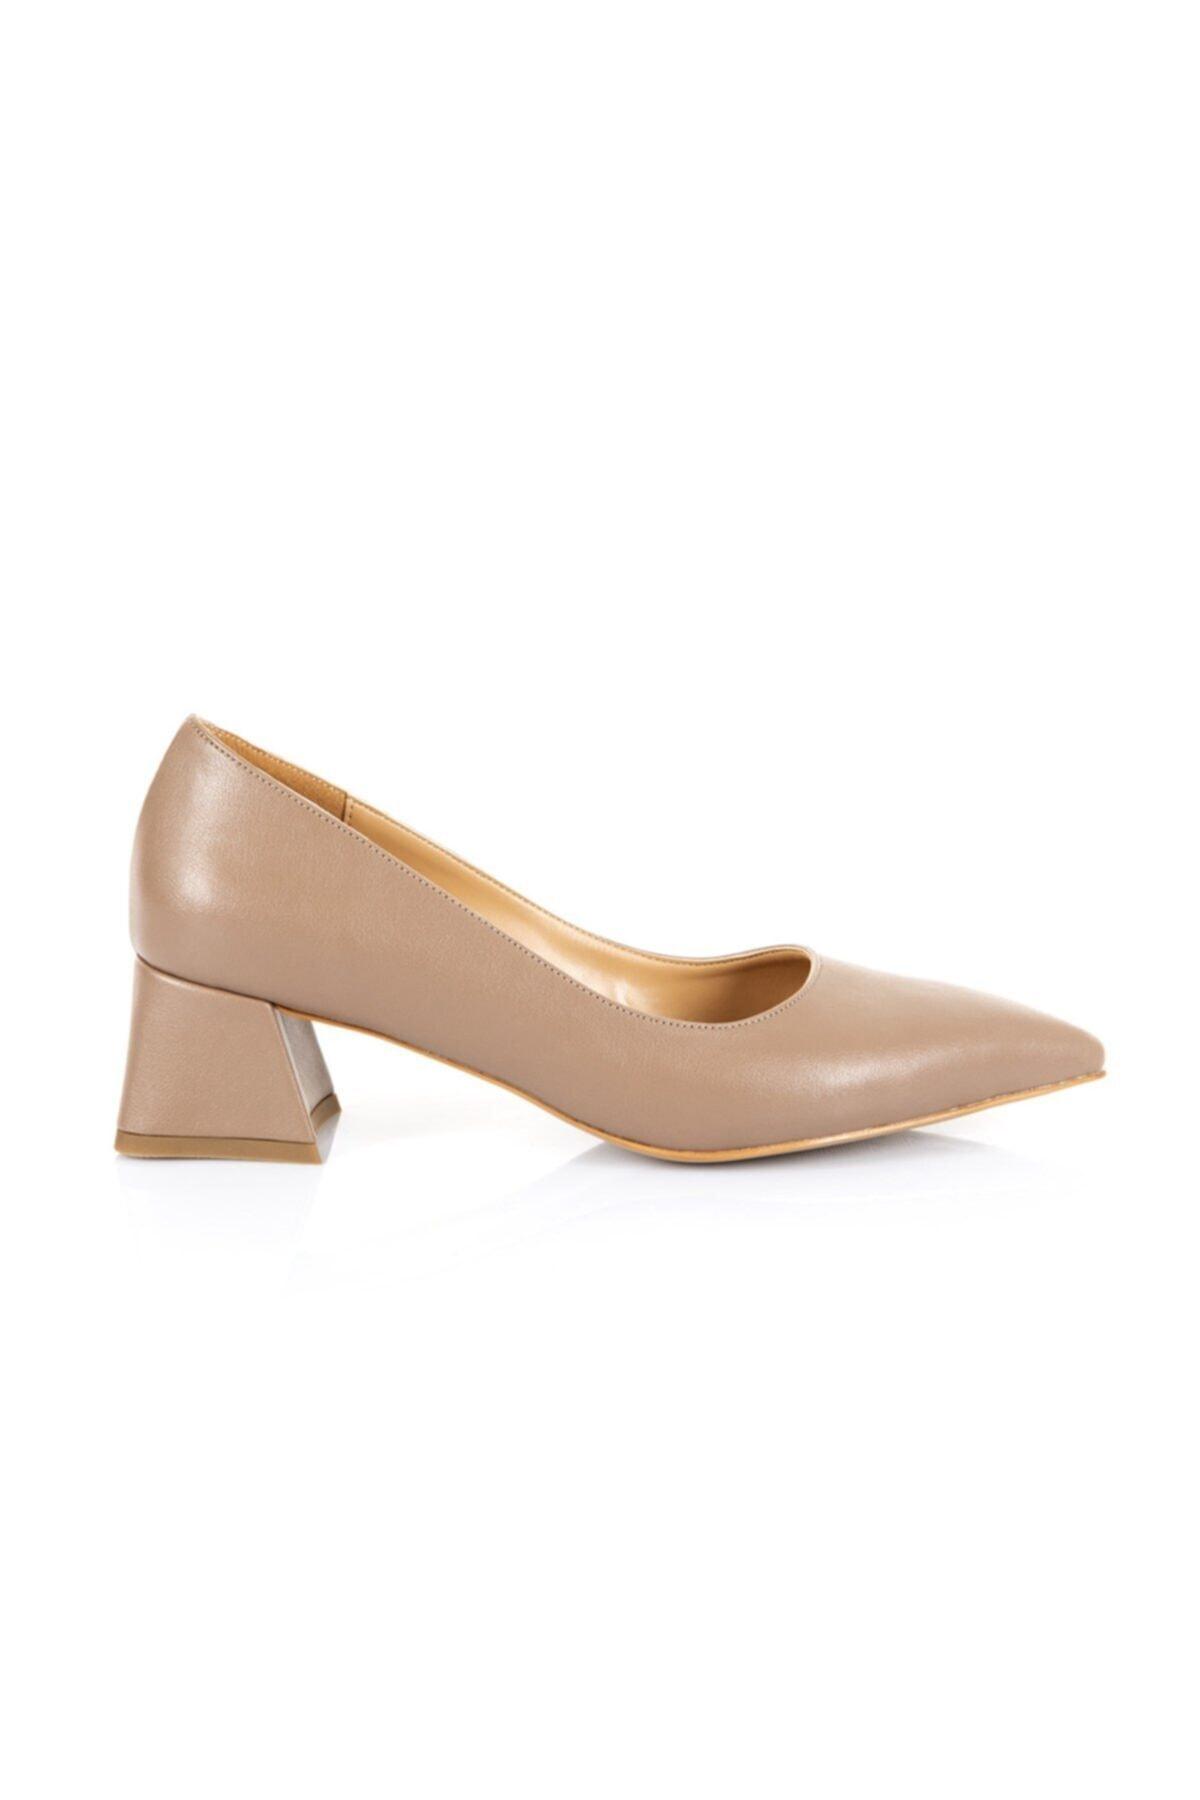 Oblavion Garcia Nude Topuklu Ayakkabı 1